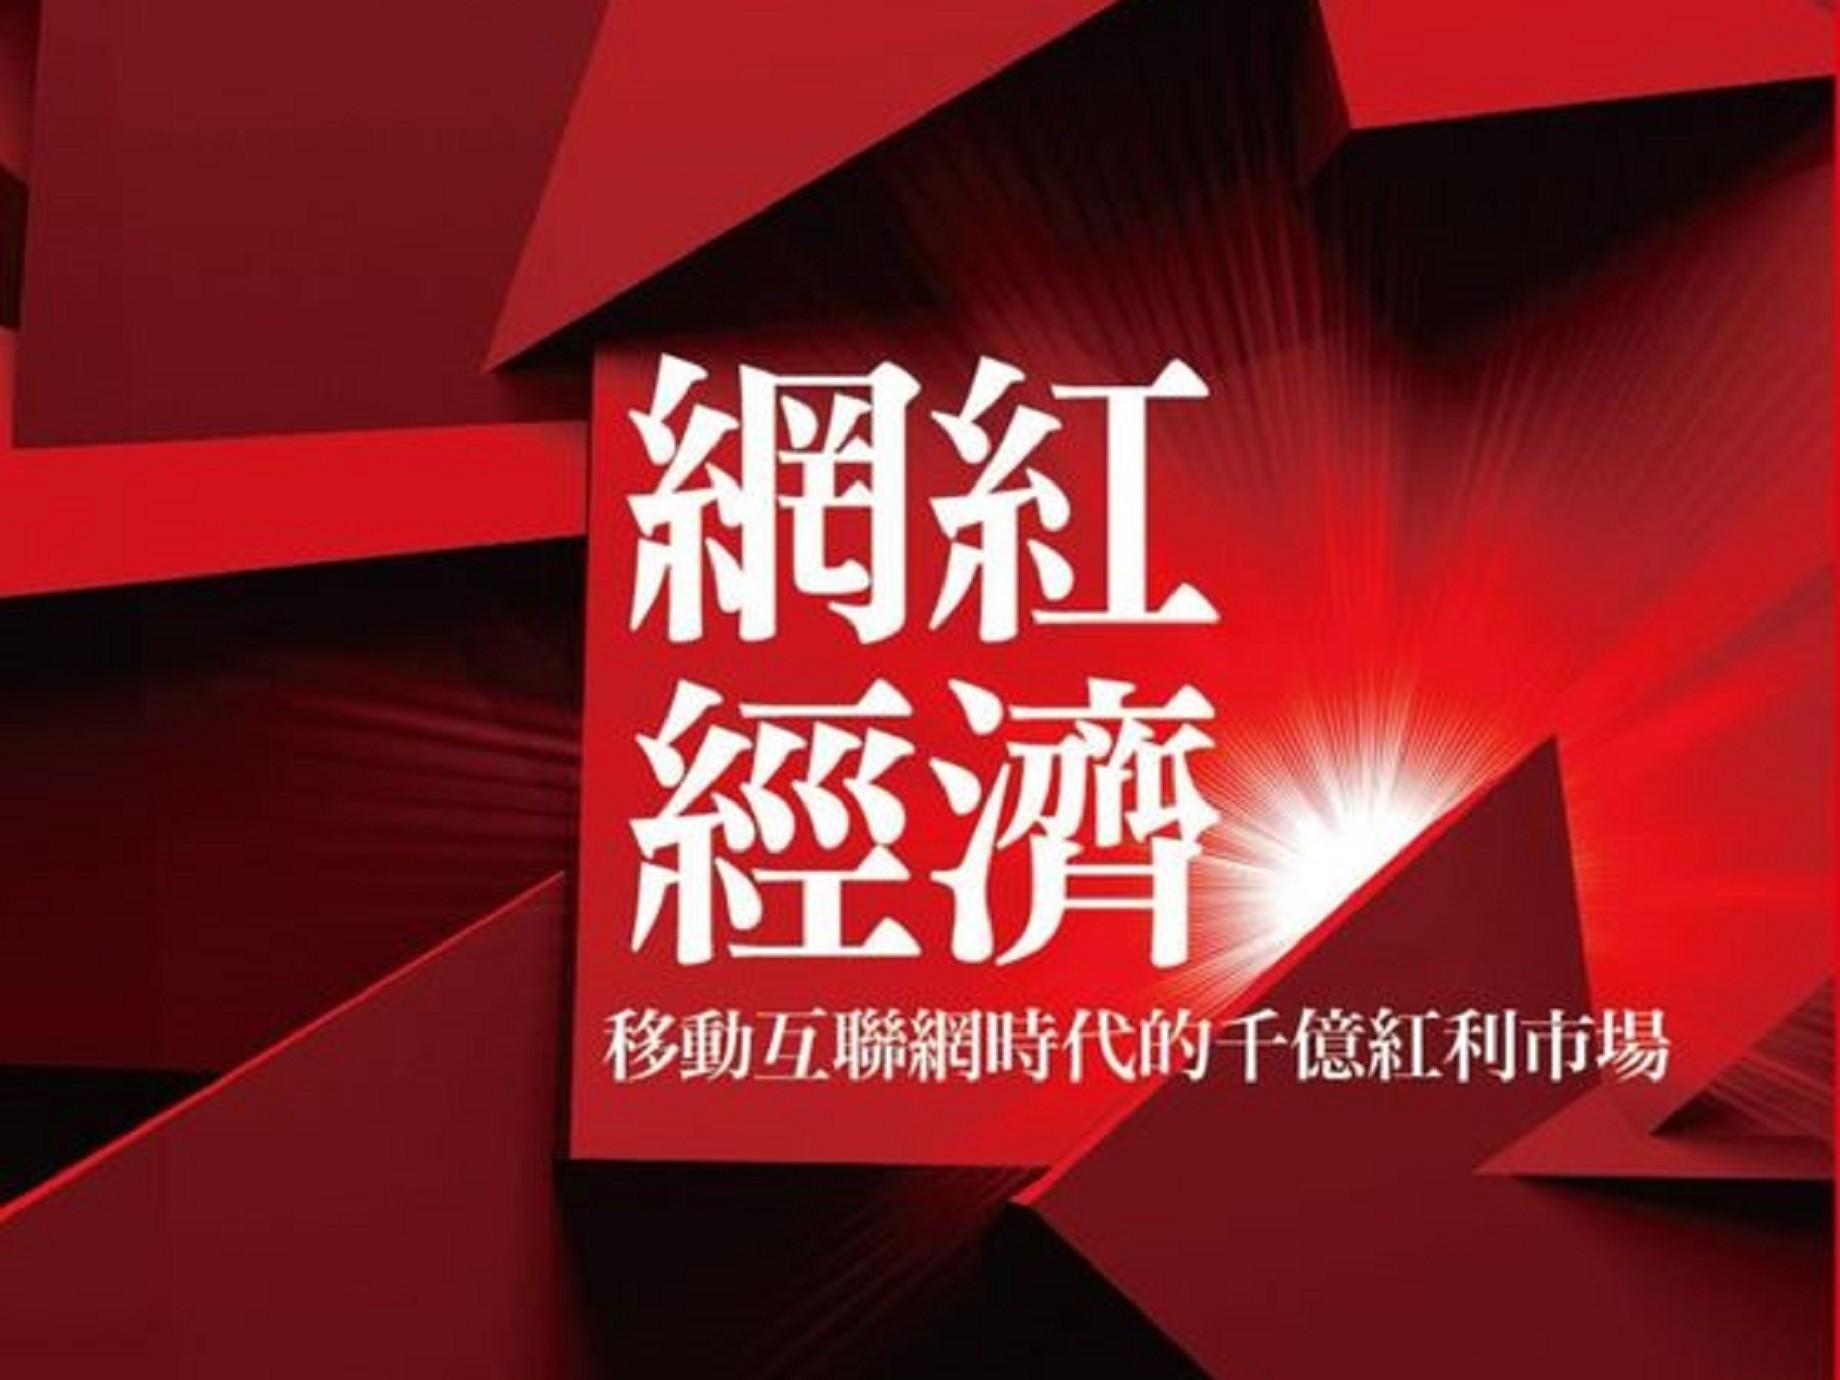 許景泰(SmartM創辦人)導讀《網紅經濟》:注意!網紅經濟來了!